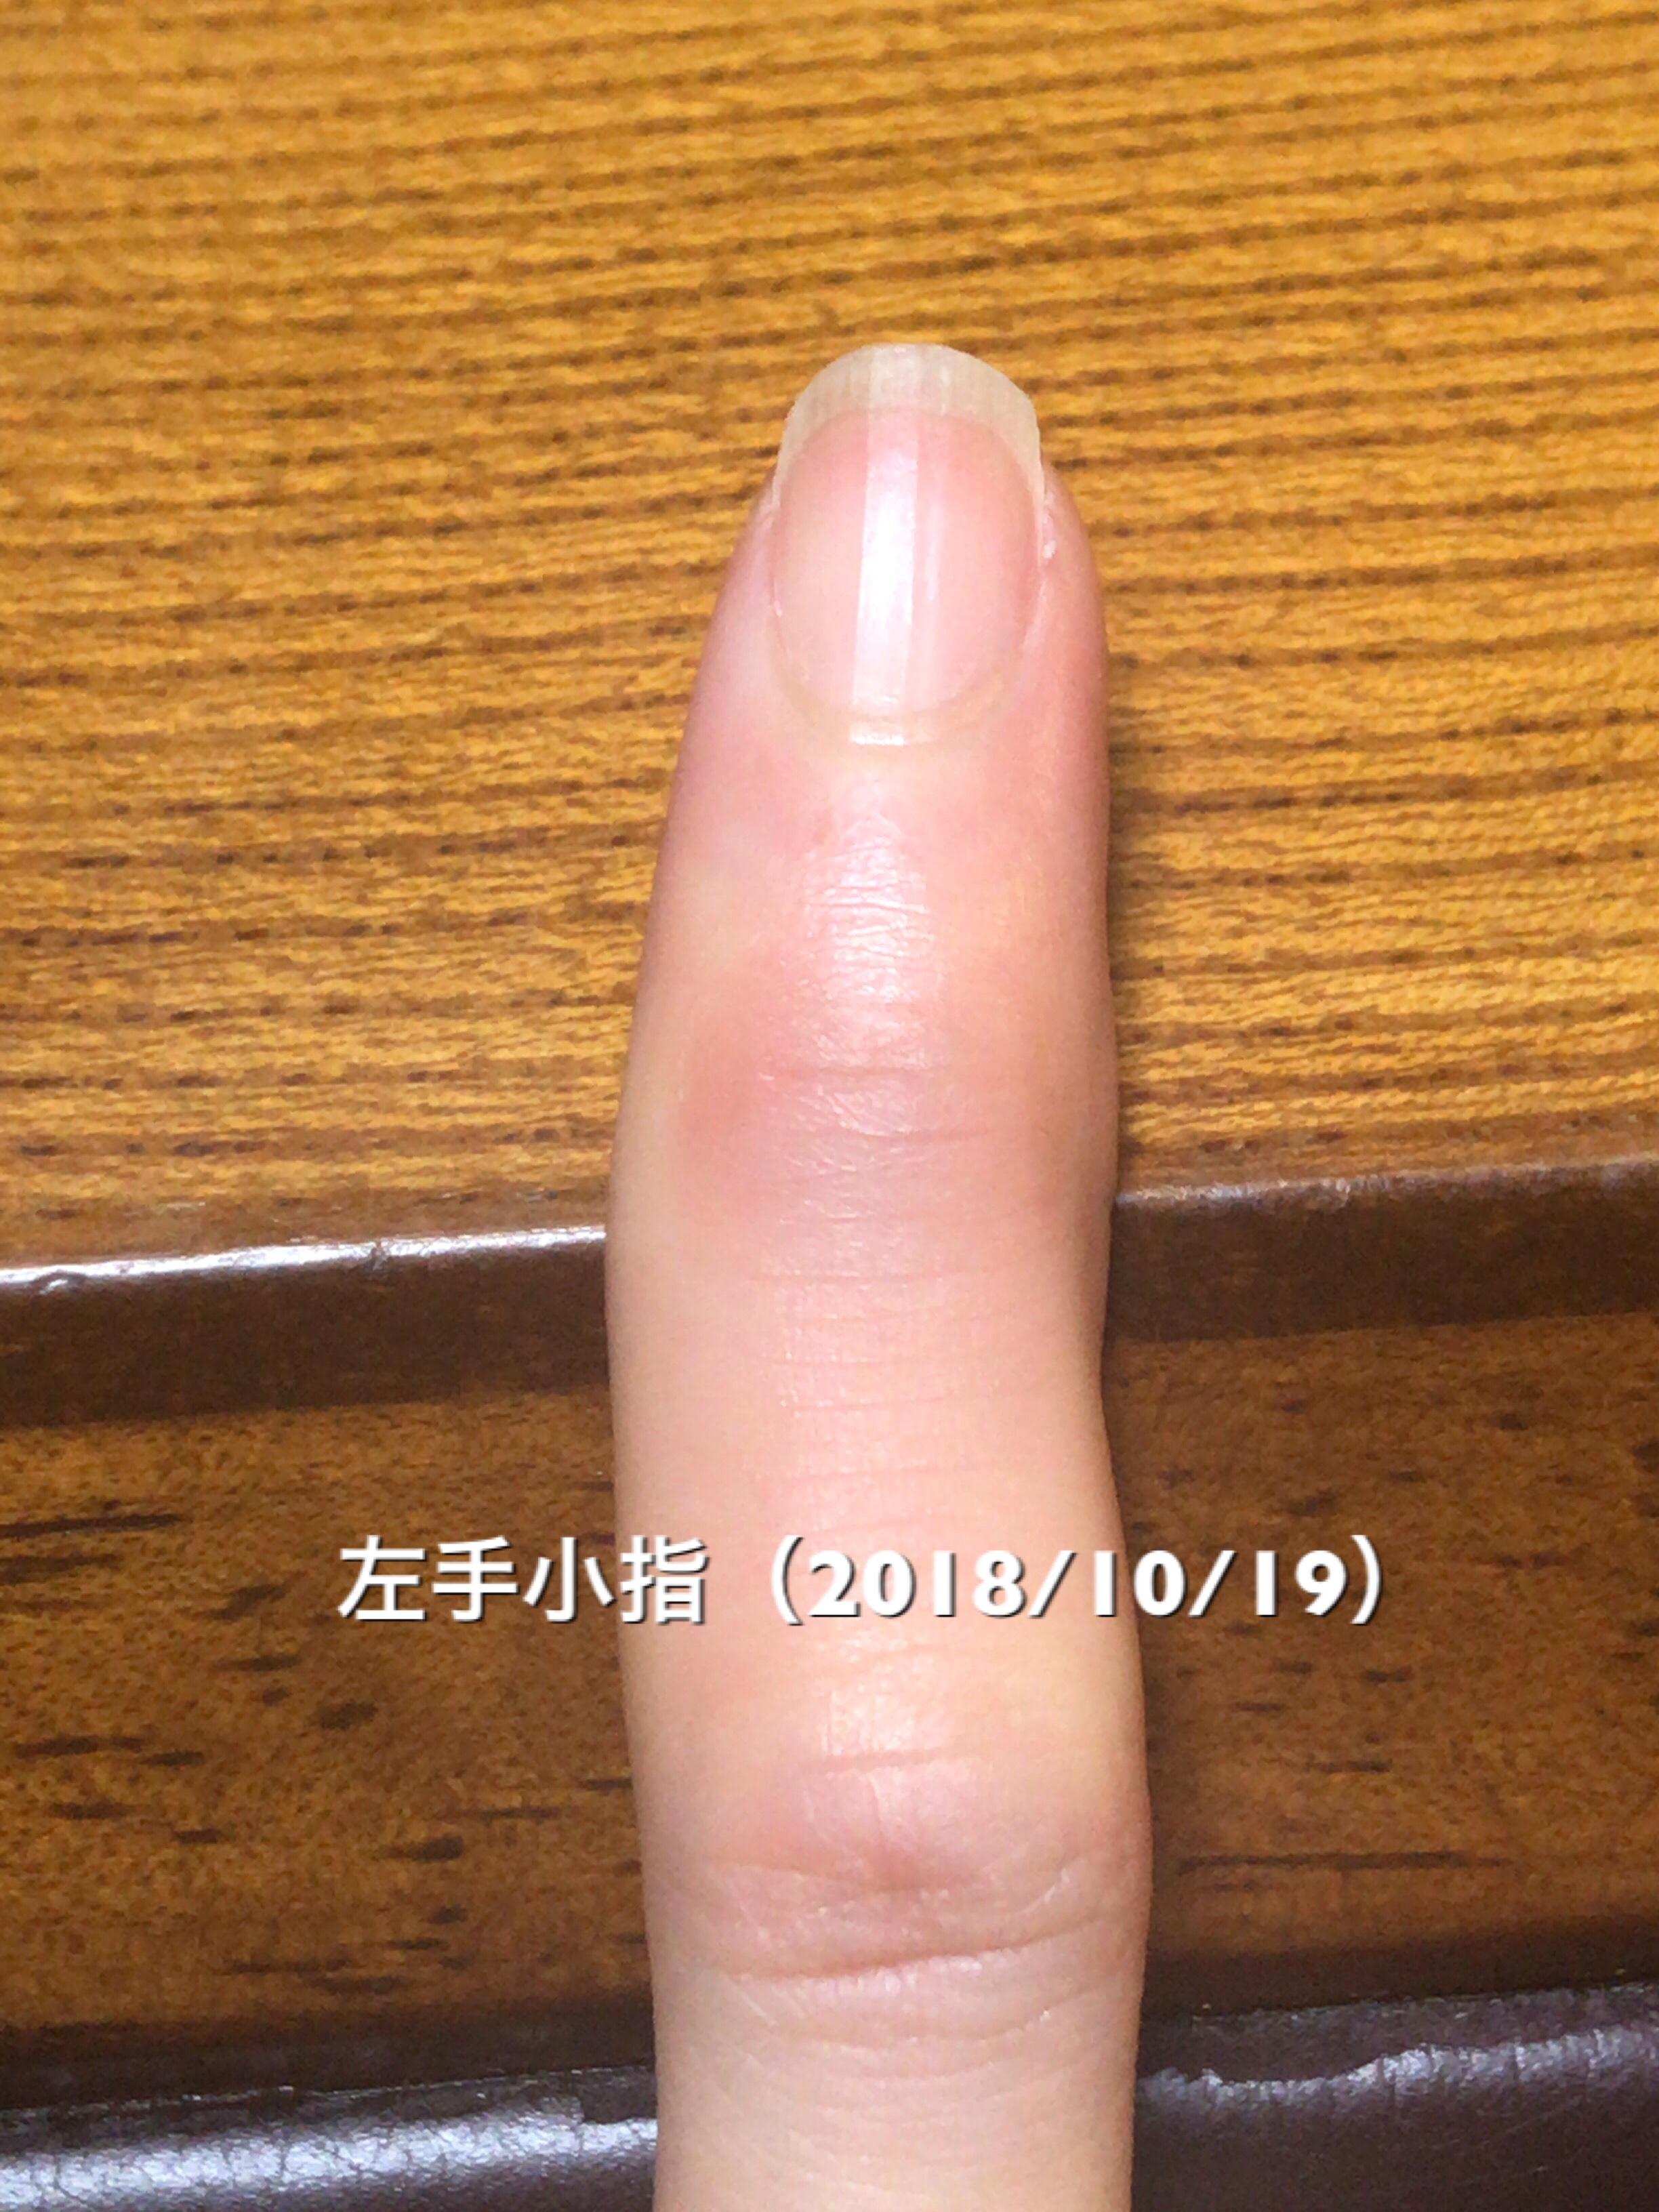 左手小指も順調。小指は結構綺麗に伸びてきているので、余裕があれば甘皮オフ等爪周りの手入れもやってみたいところ。という写真